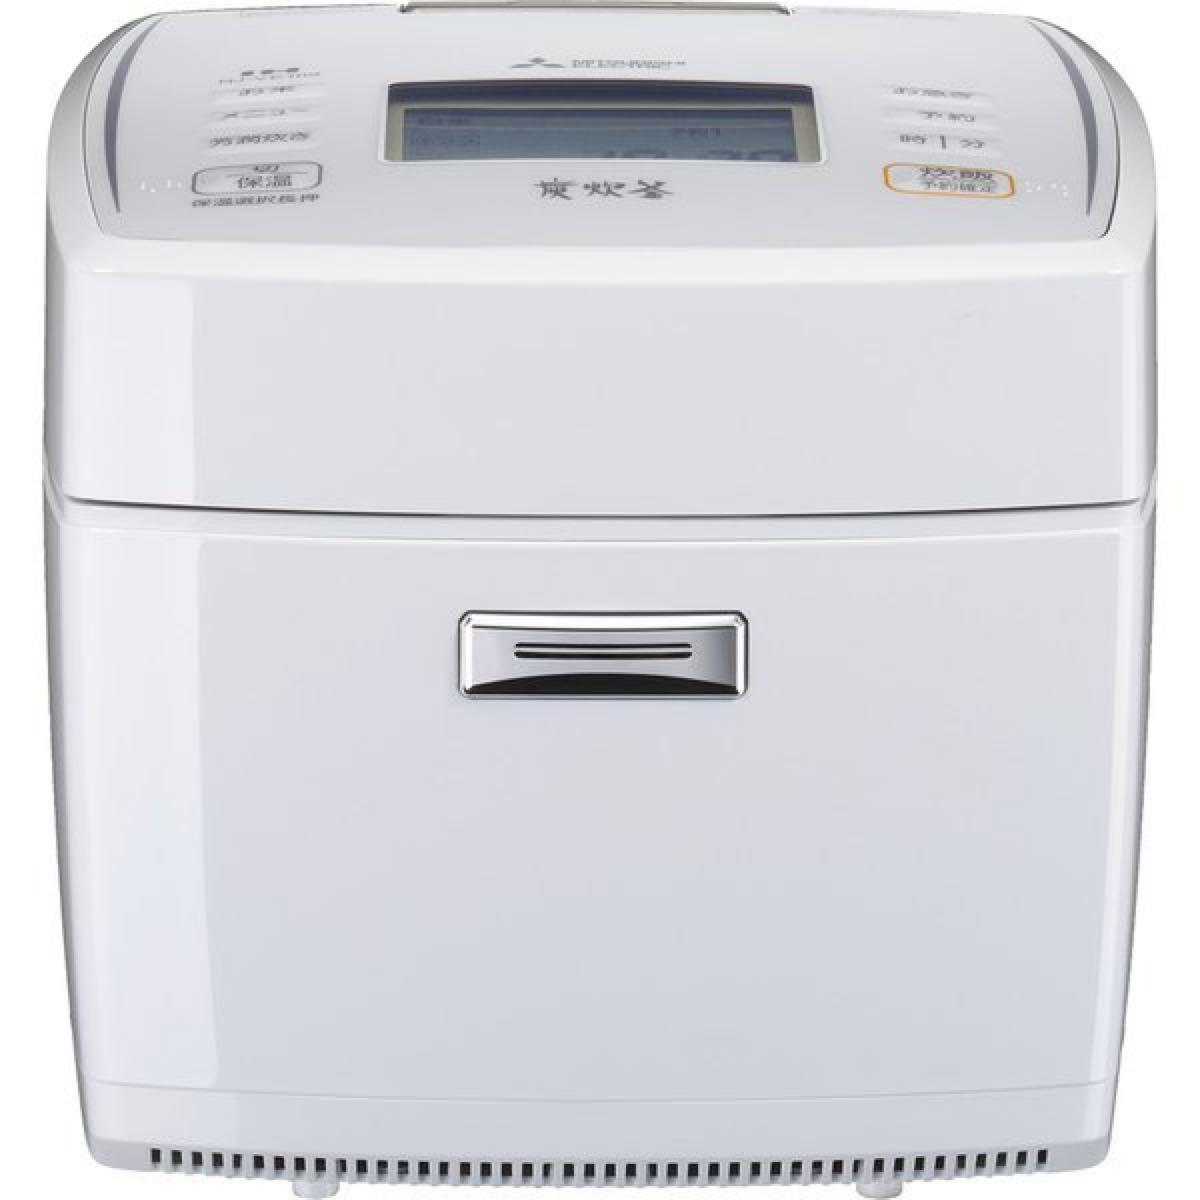 三菱電機 備長炭 炭炊釜 備長炭コート2層厚釜 七重全面加熱IHジャー炊飯器